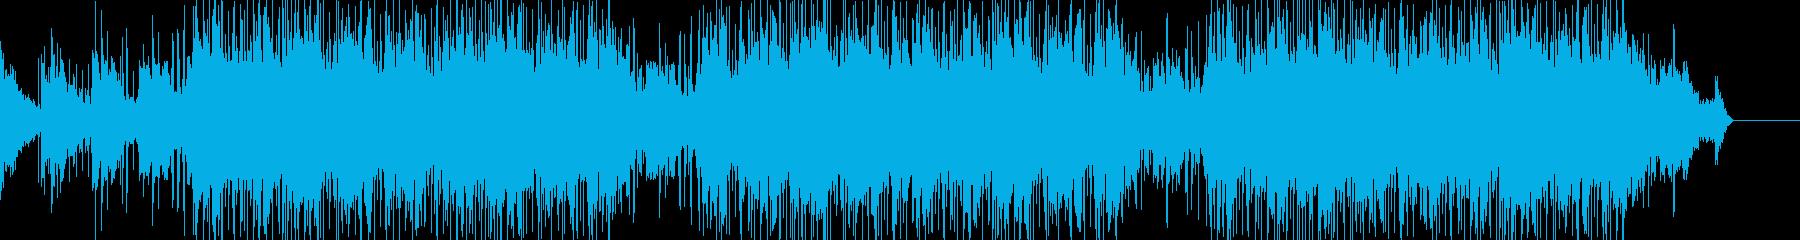 ジャズ風のビブラフォン、孤独なトラ...の再生済みの波形